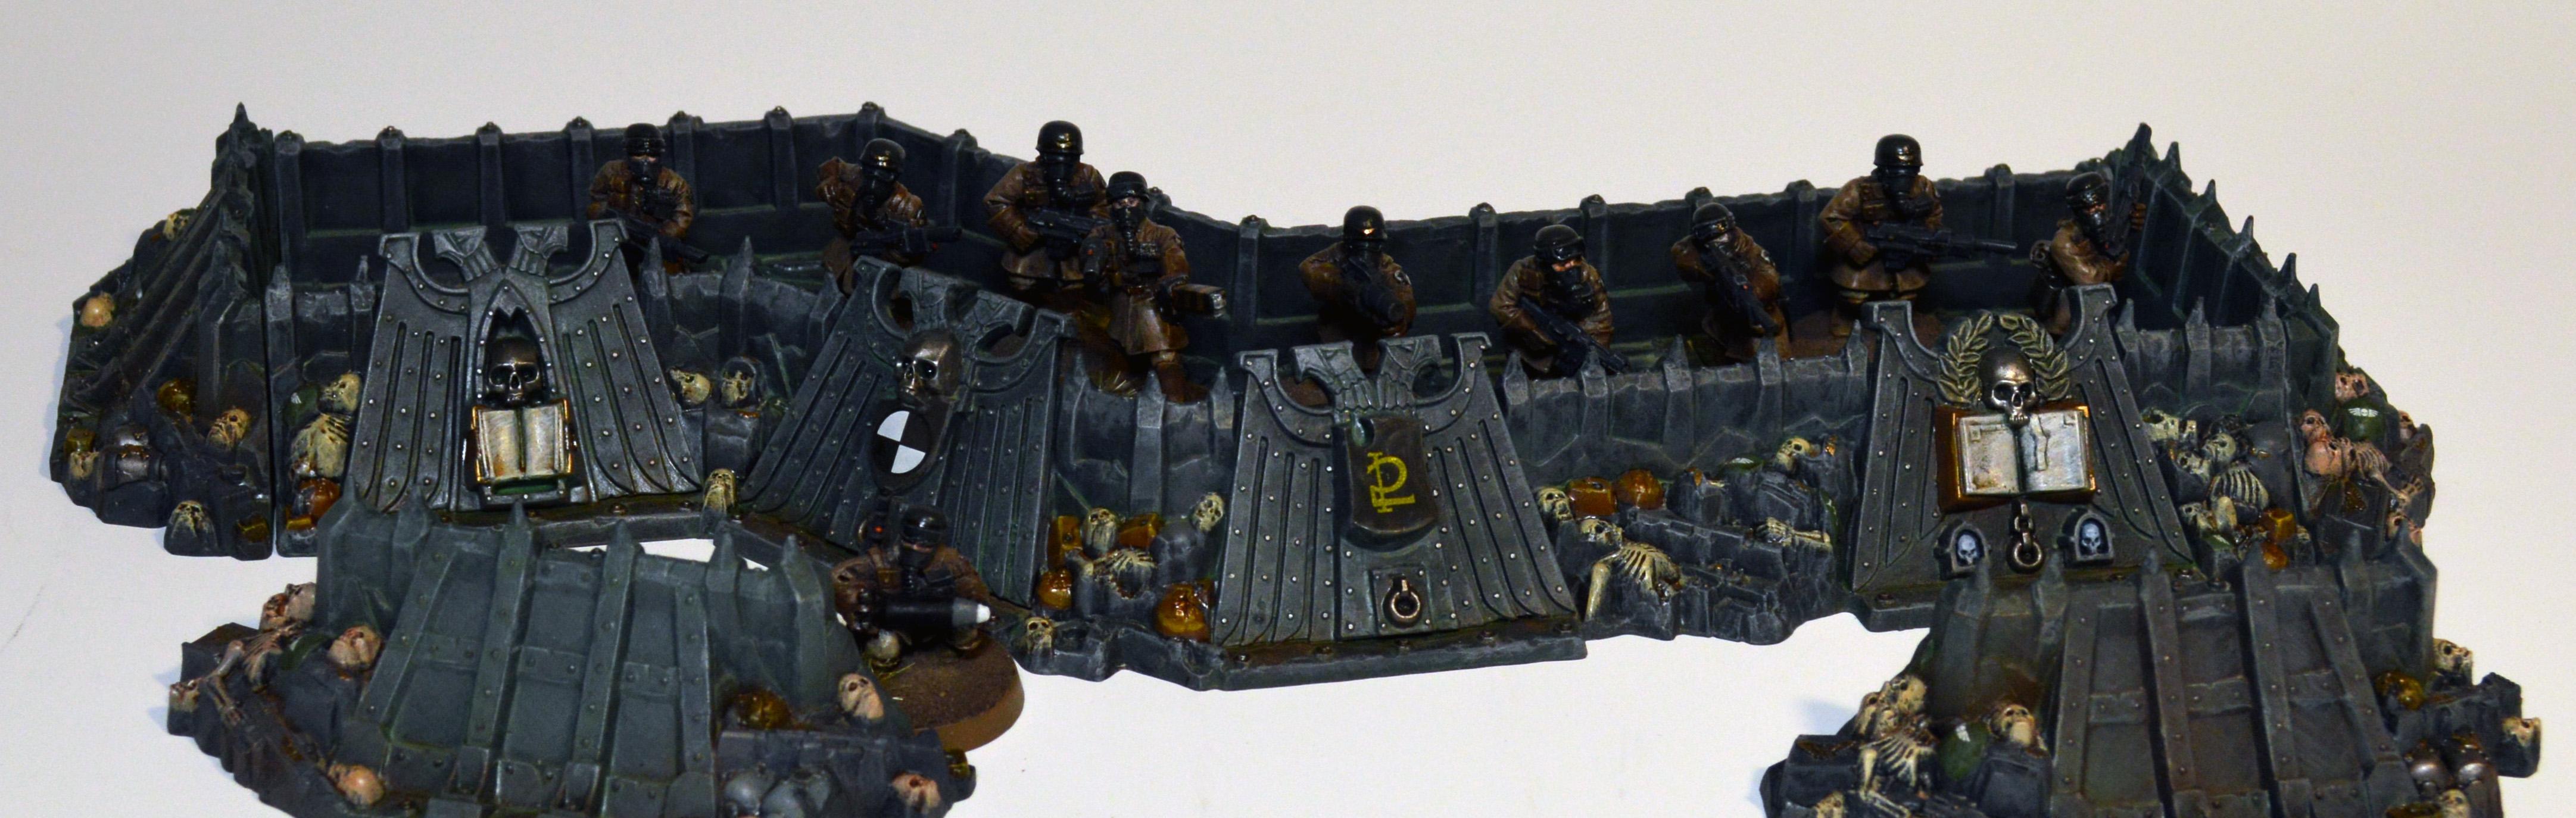 Armageddon, Imperial Guard, Steel Legion